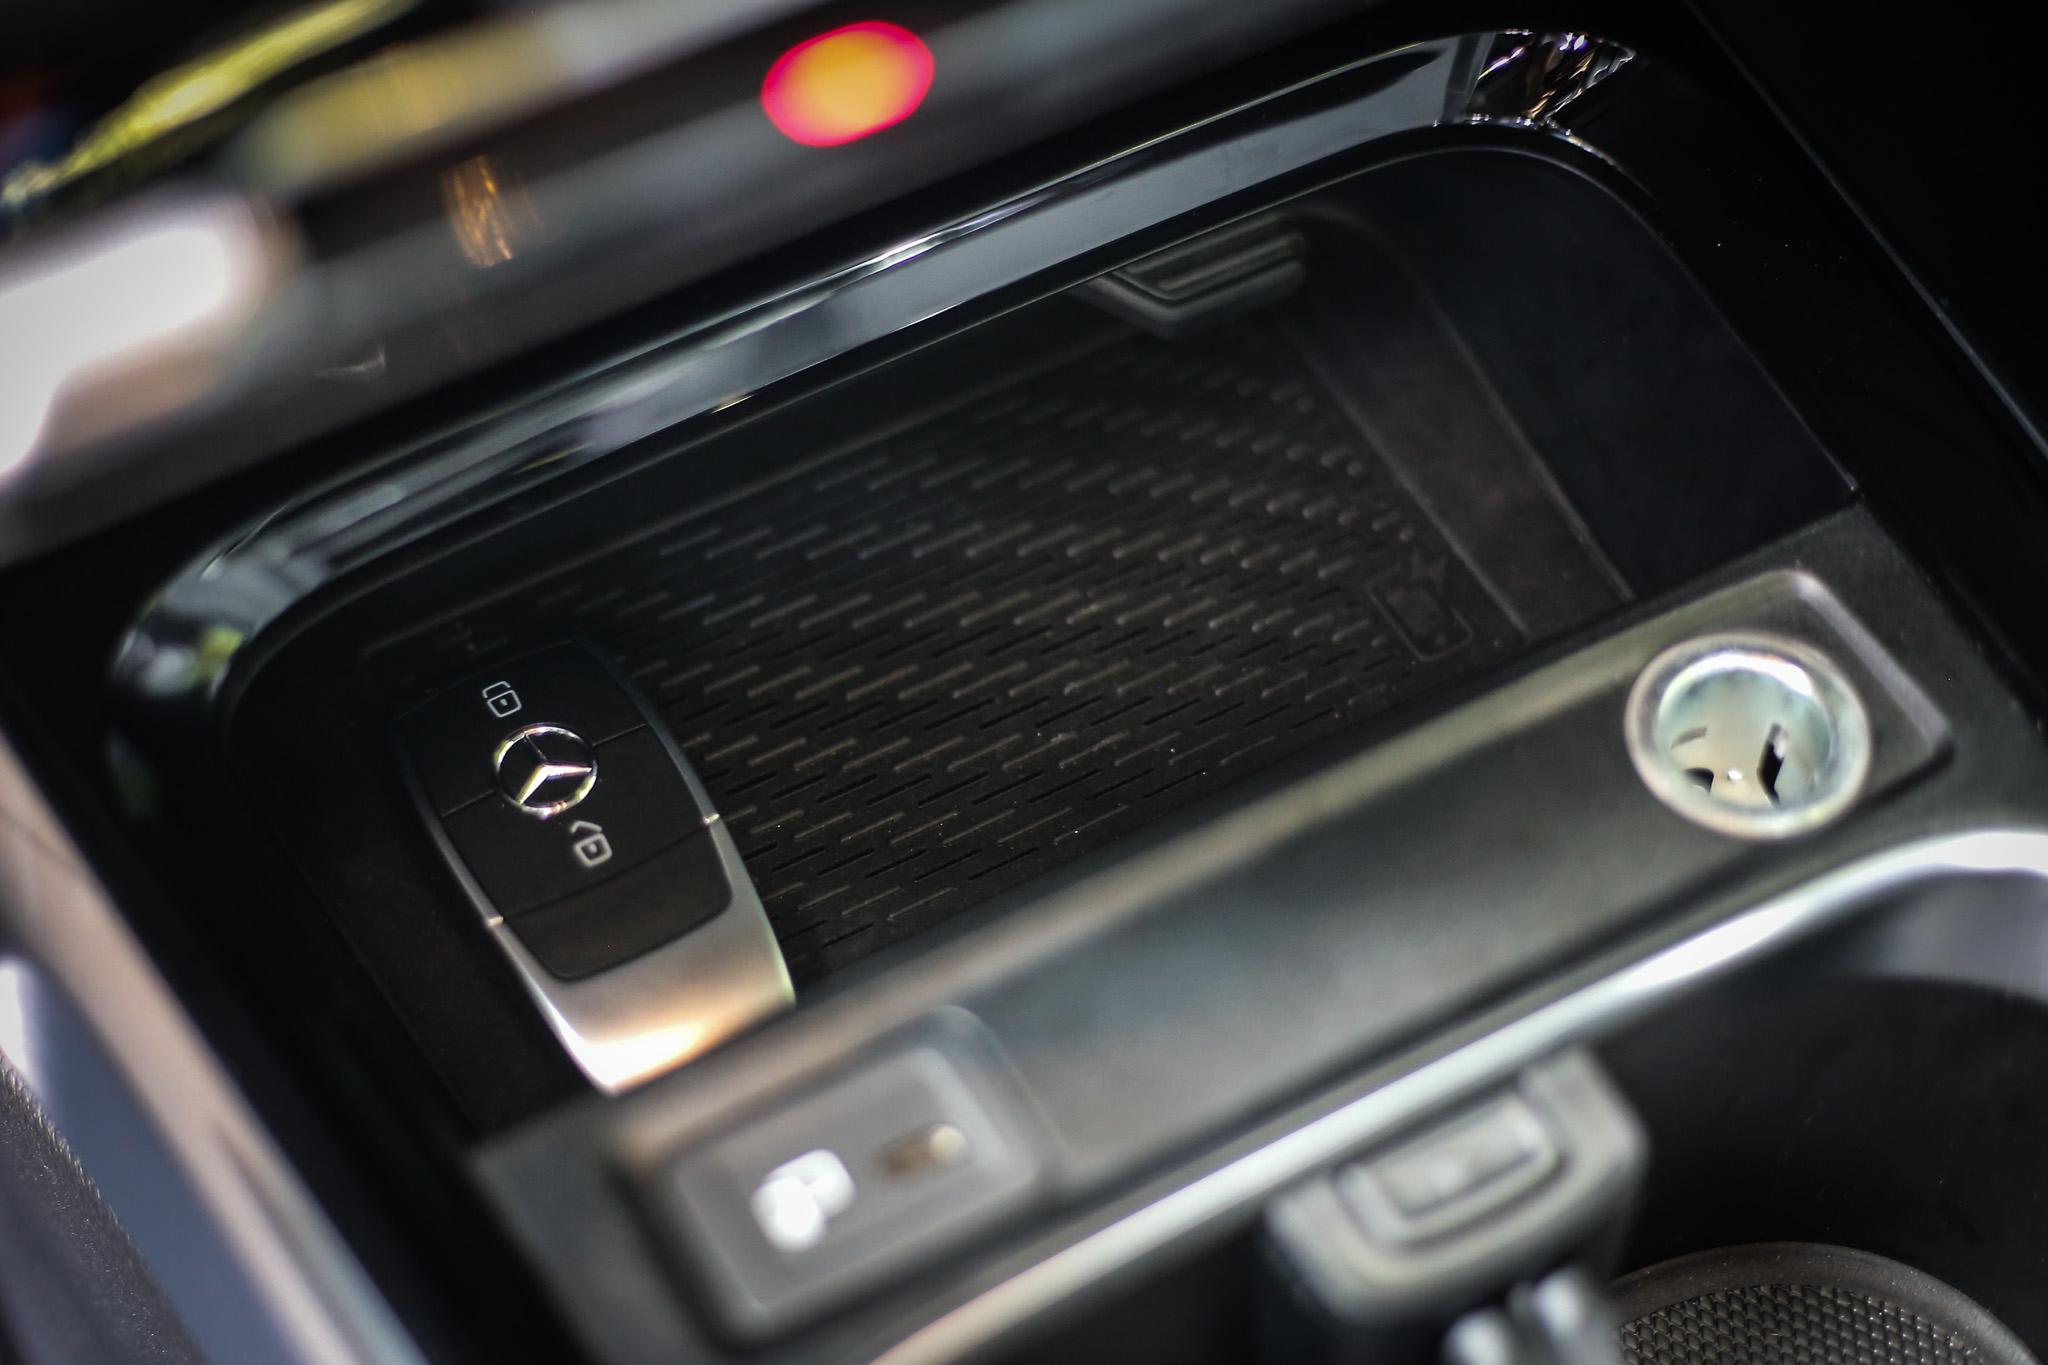 手機無線充電功能除了 AMG 車型以外其餘皆是選配。